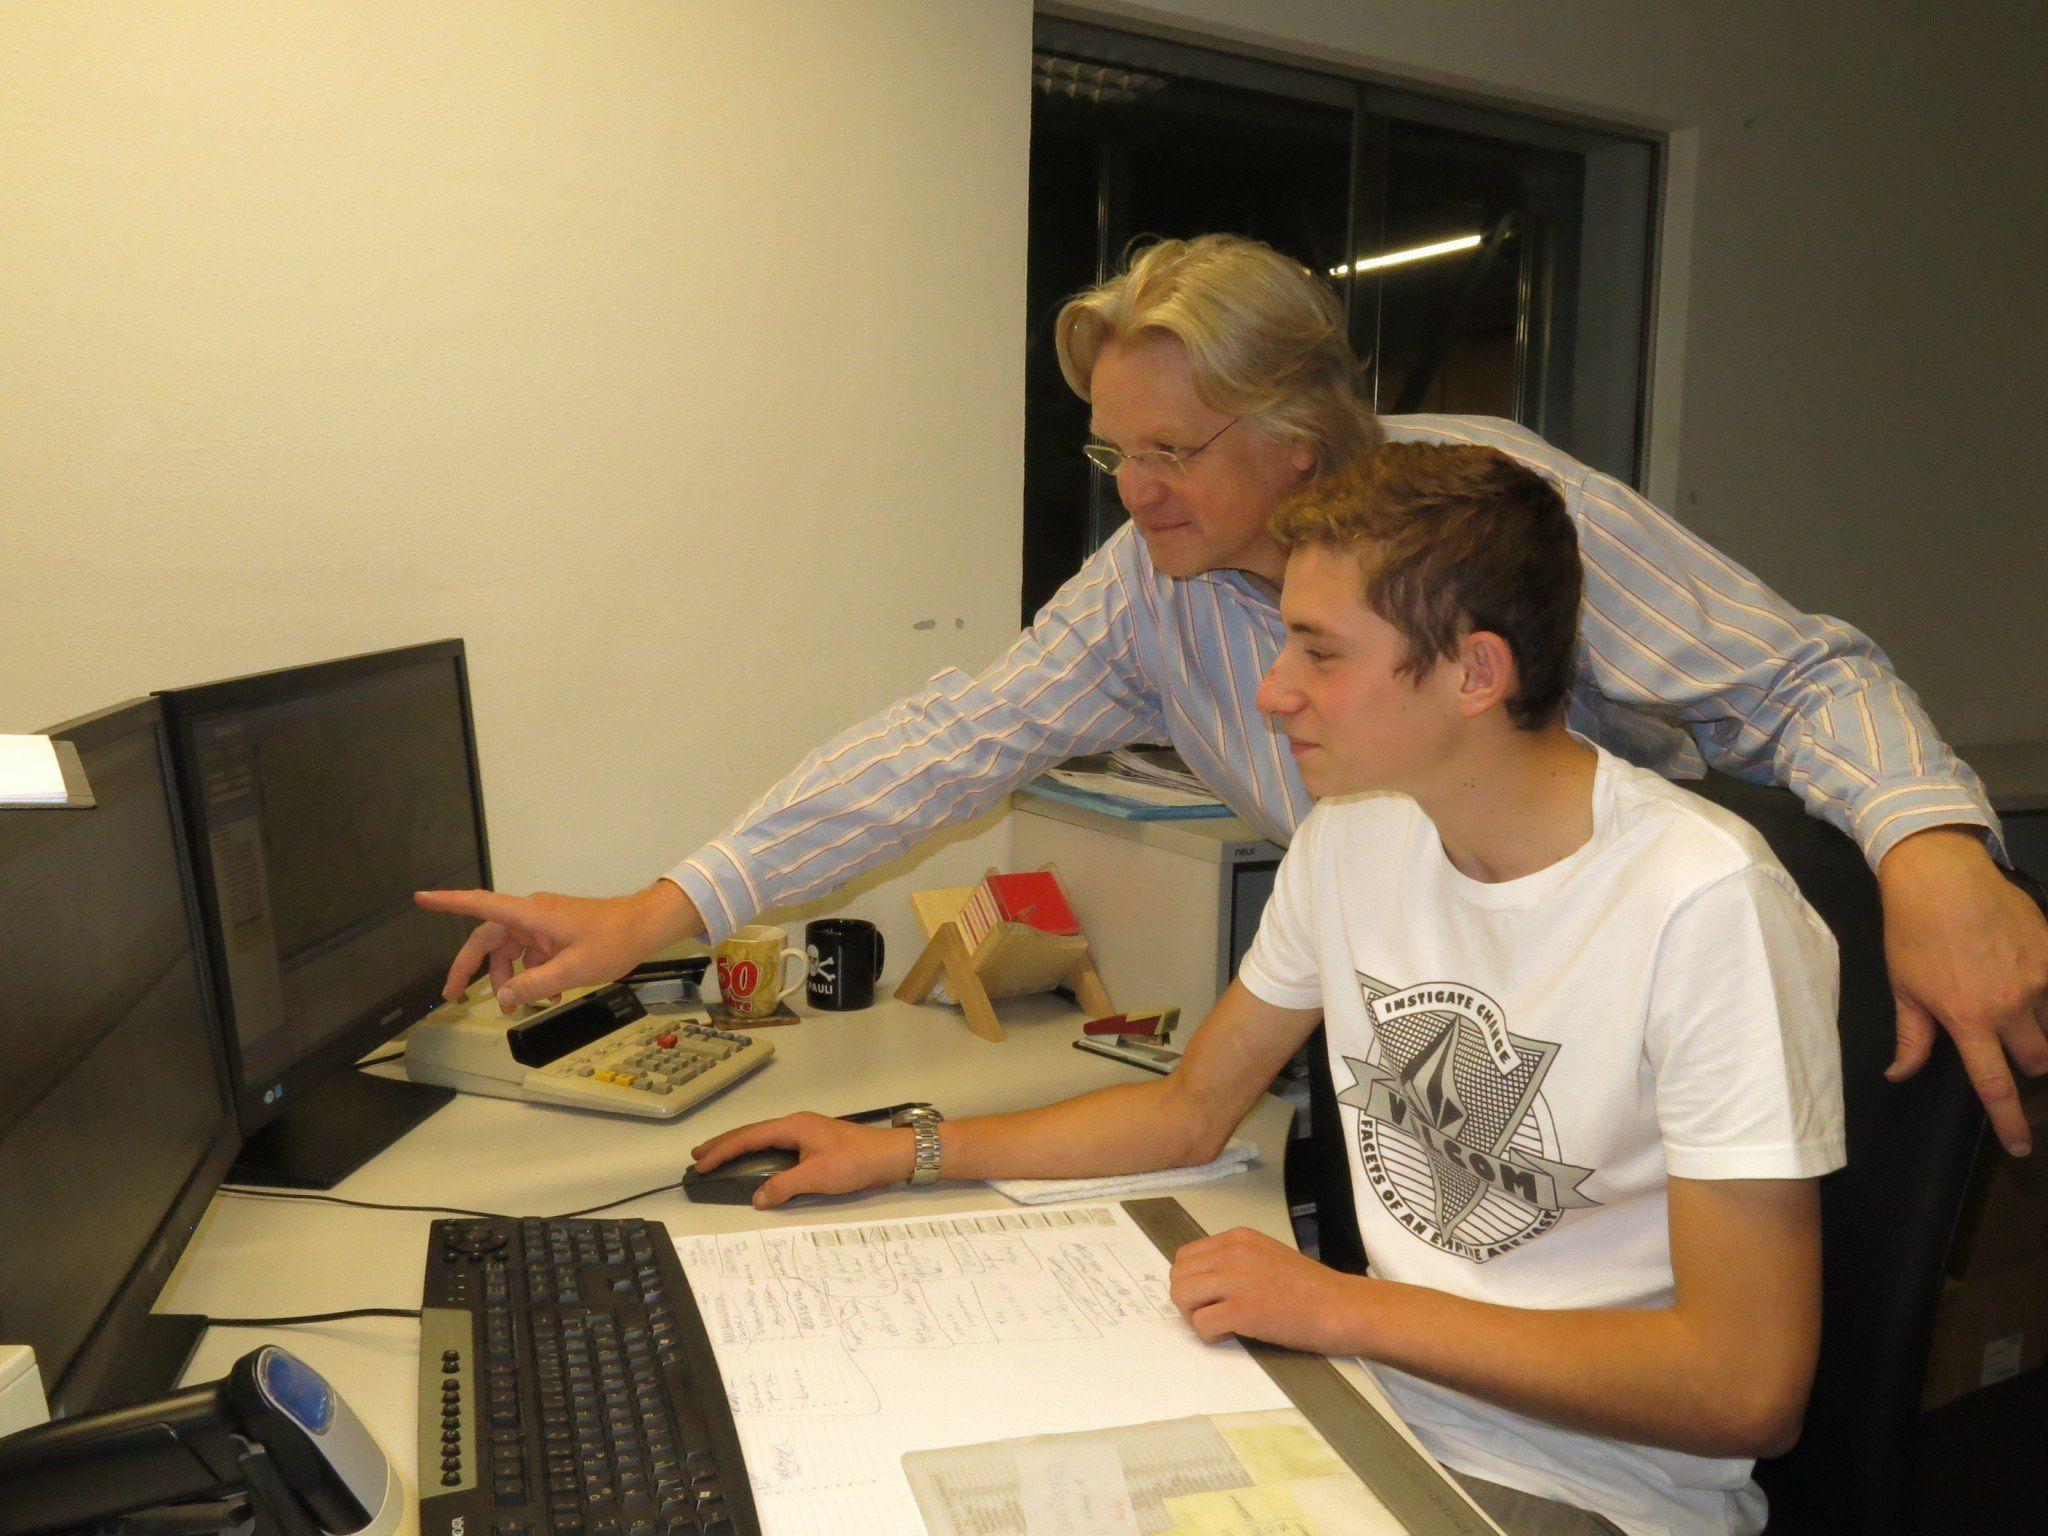 Bei Hansjörg Zwick, Leiter Nahverkehr, macht Clemens seine ersten Berufserfahrungen.